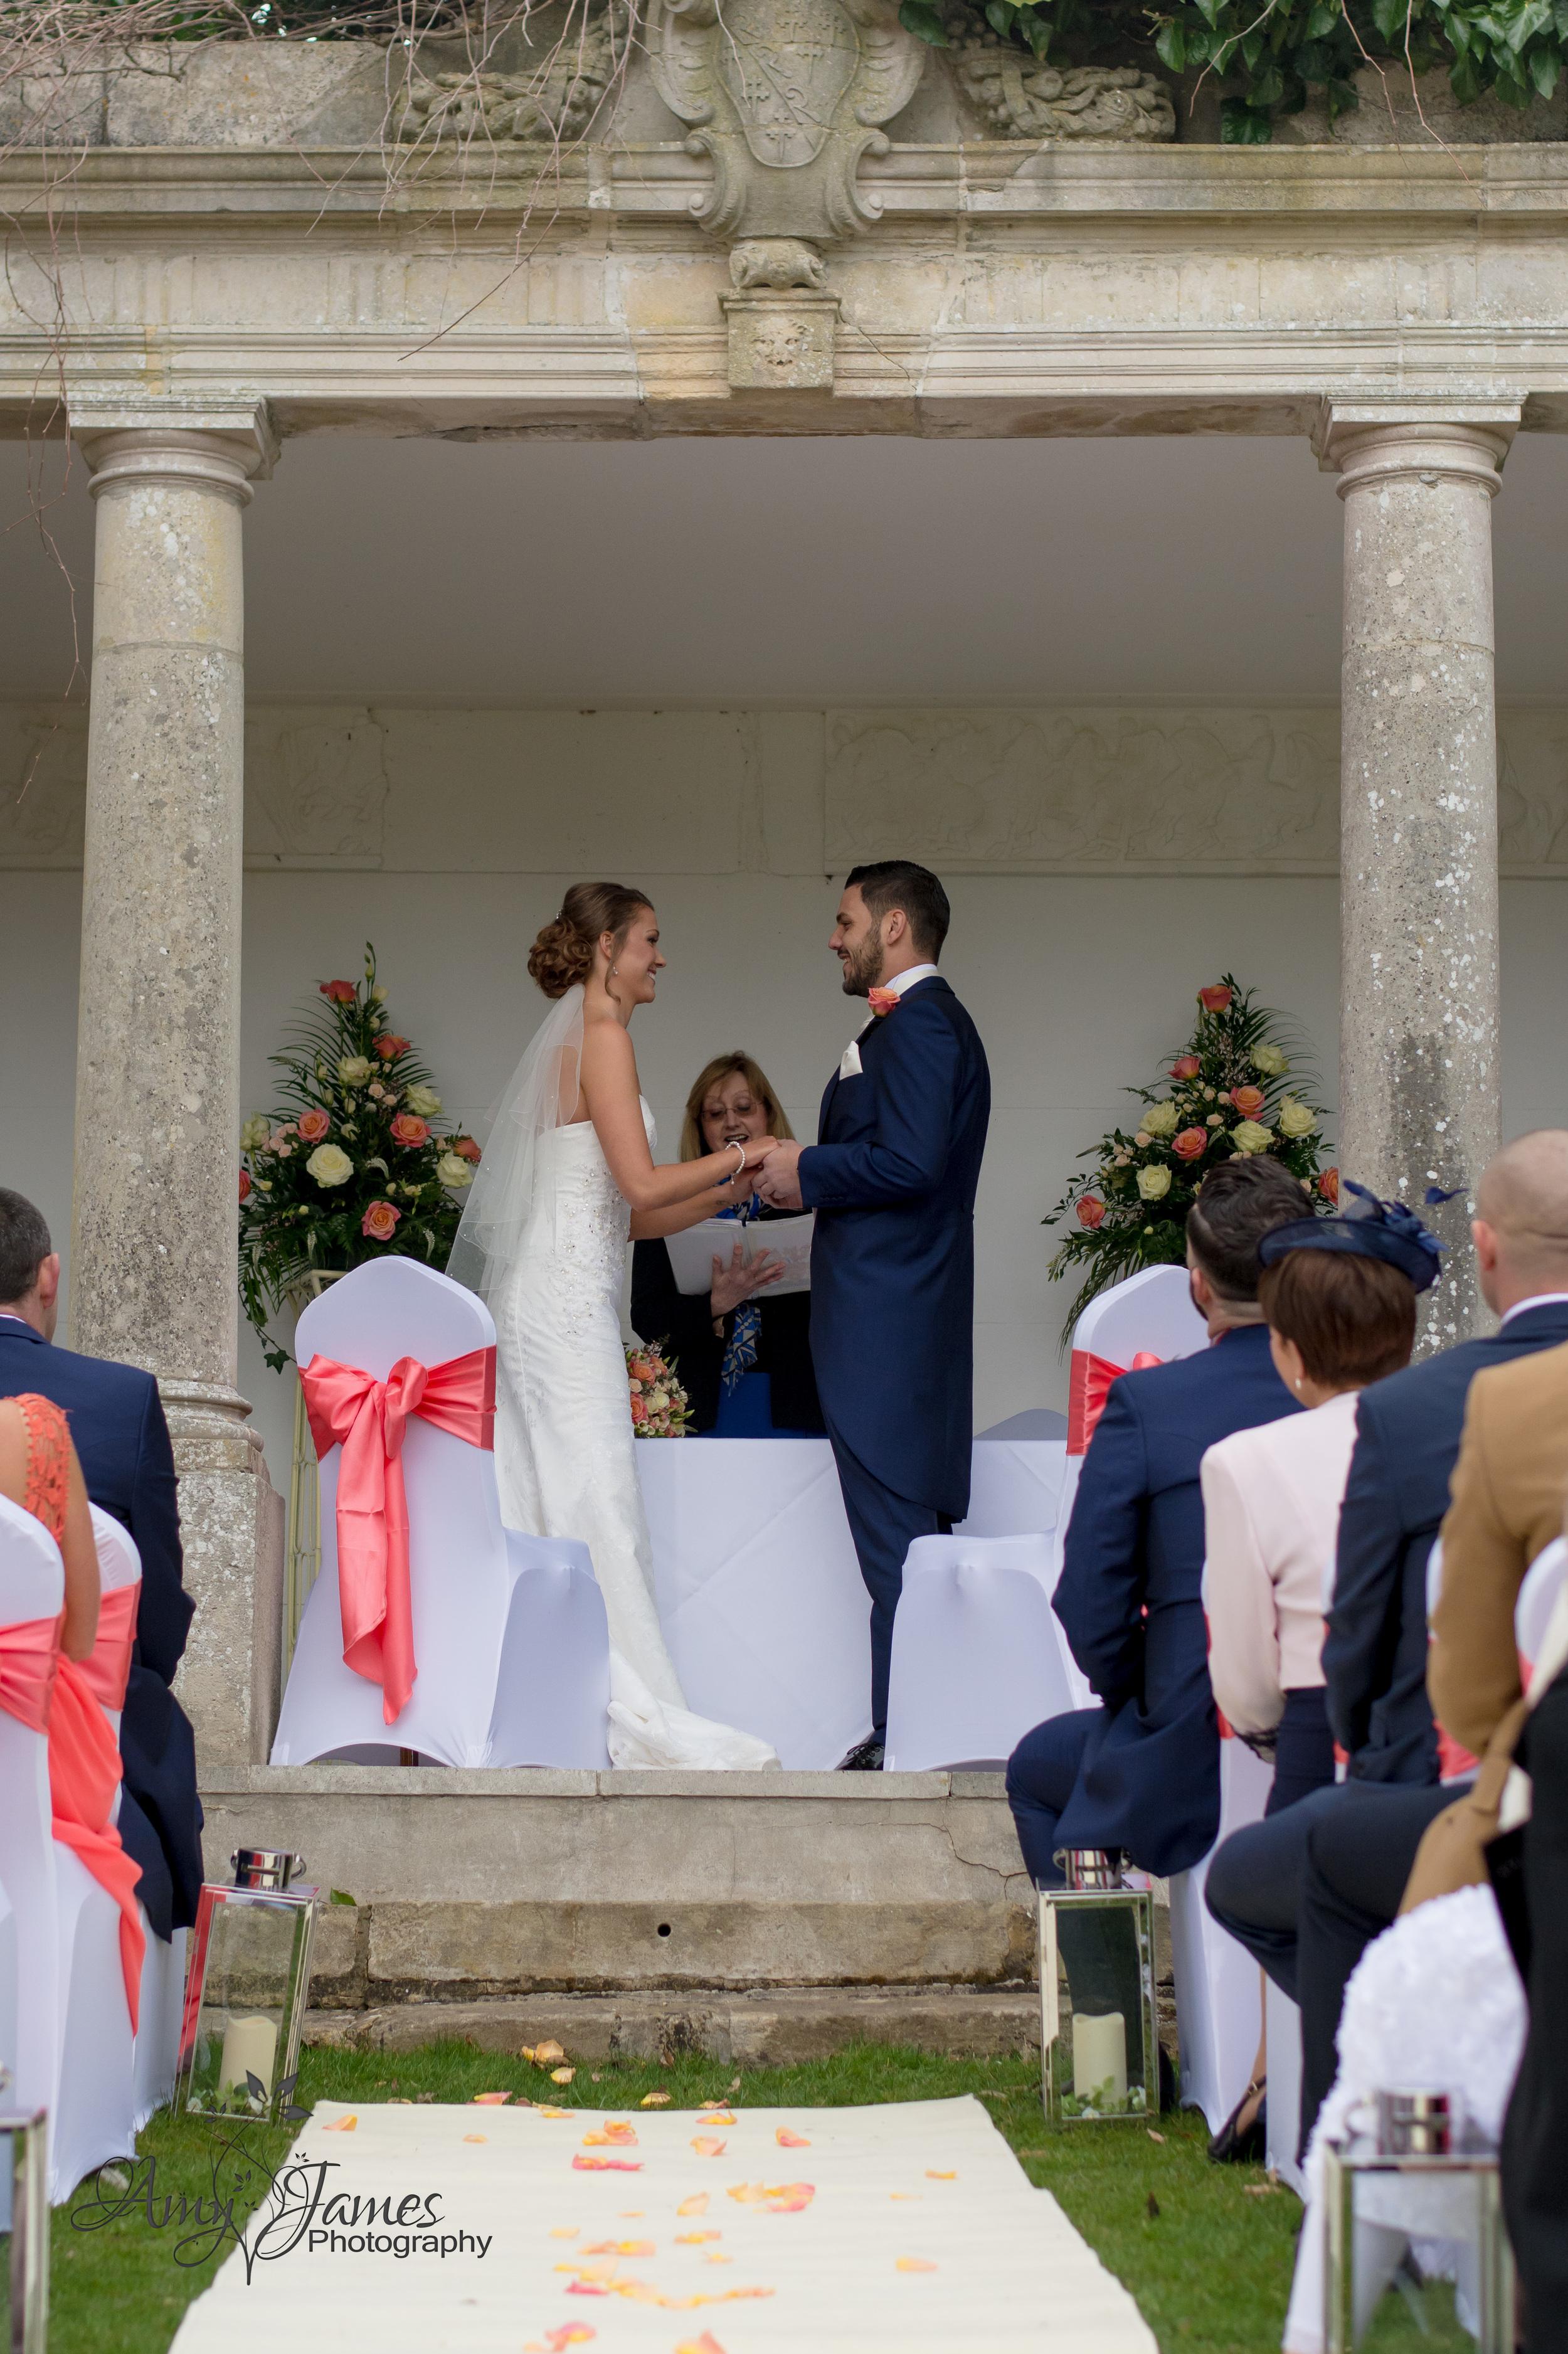 Fleet weddding photographer / Highfield Park wedding photographer